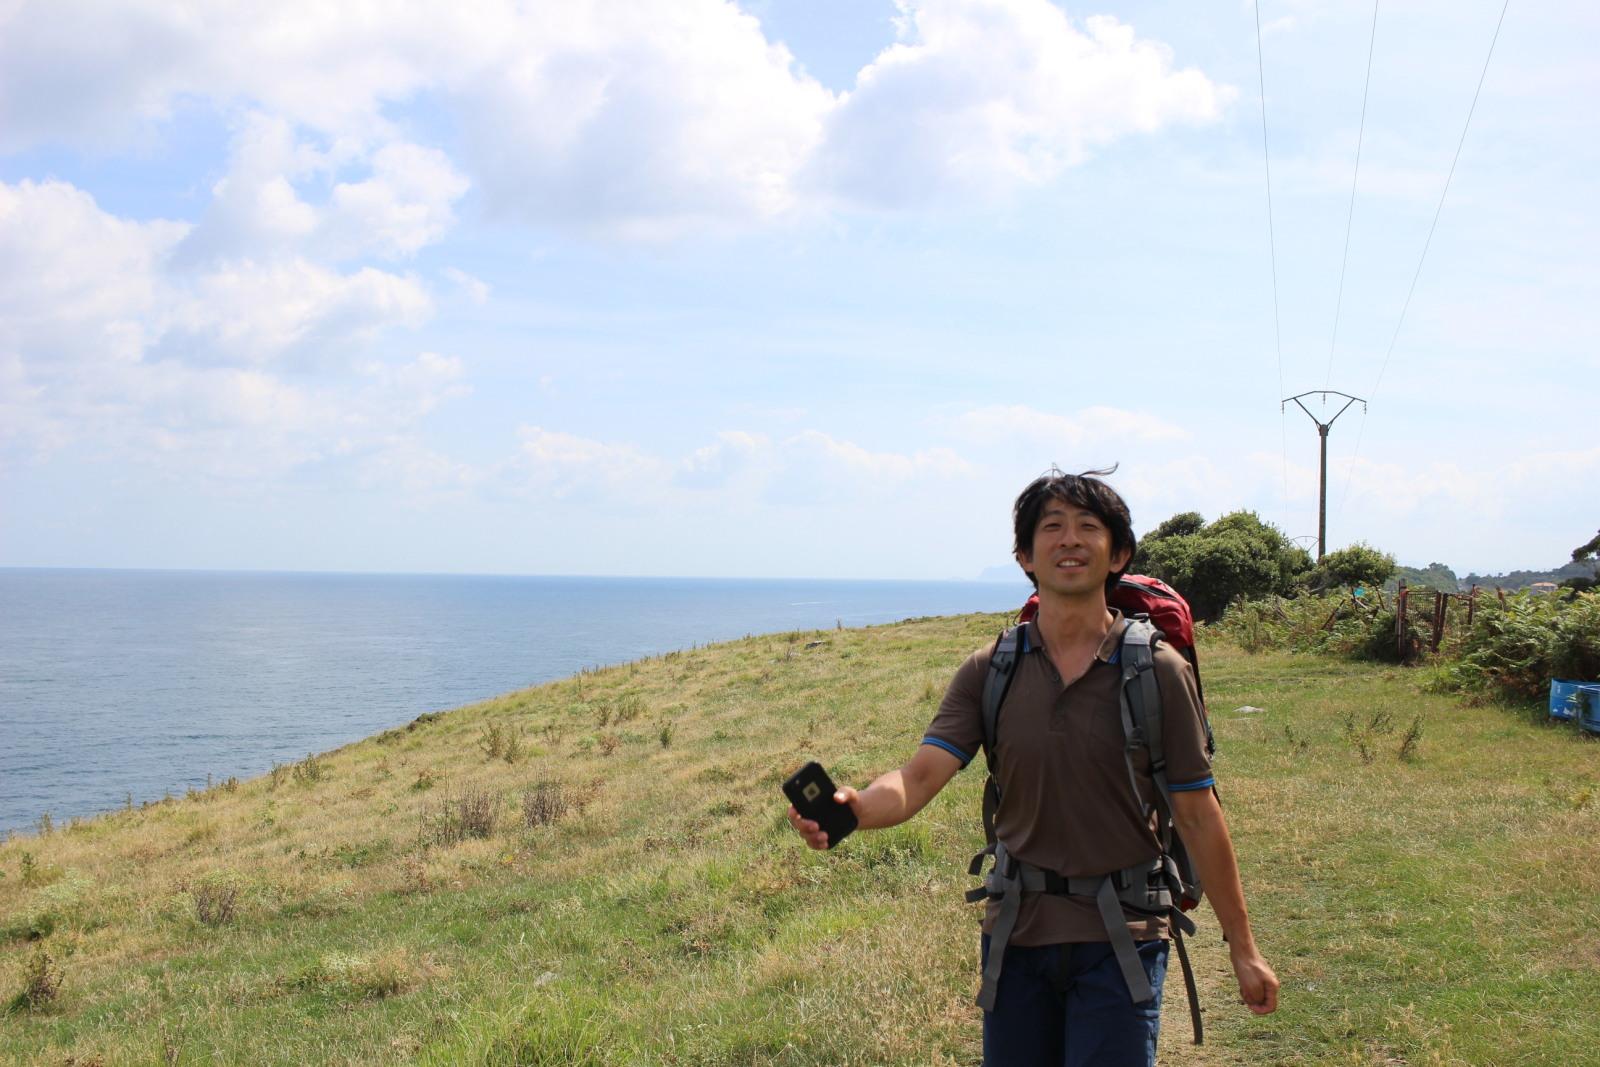 田村さんが夏季休暇を利用してスペイン巡礼に訪れた際の写真